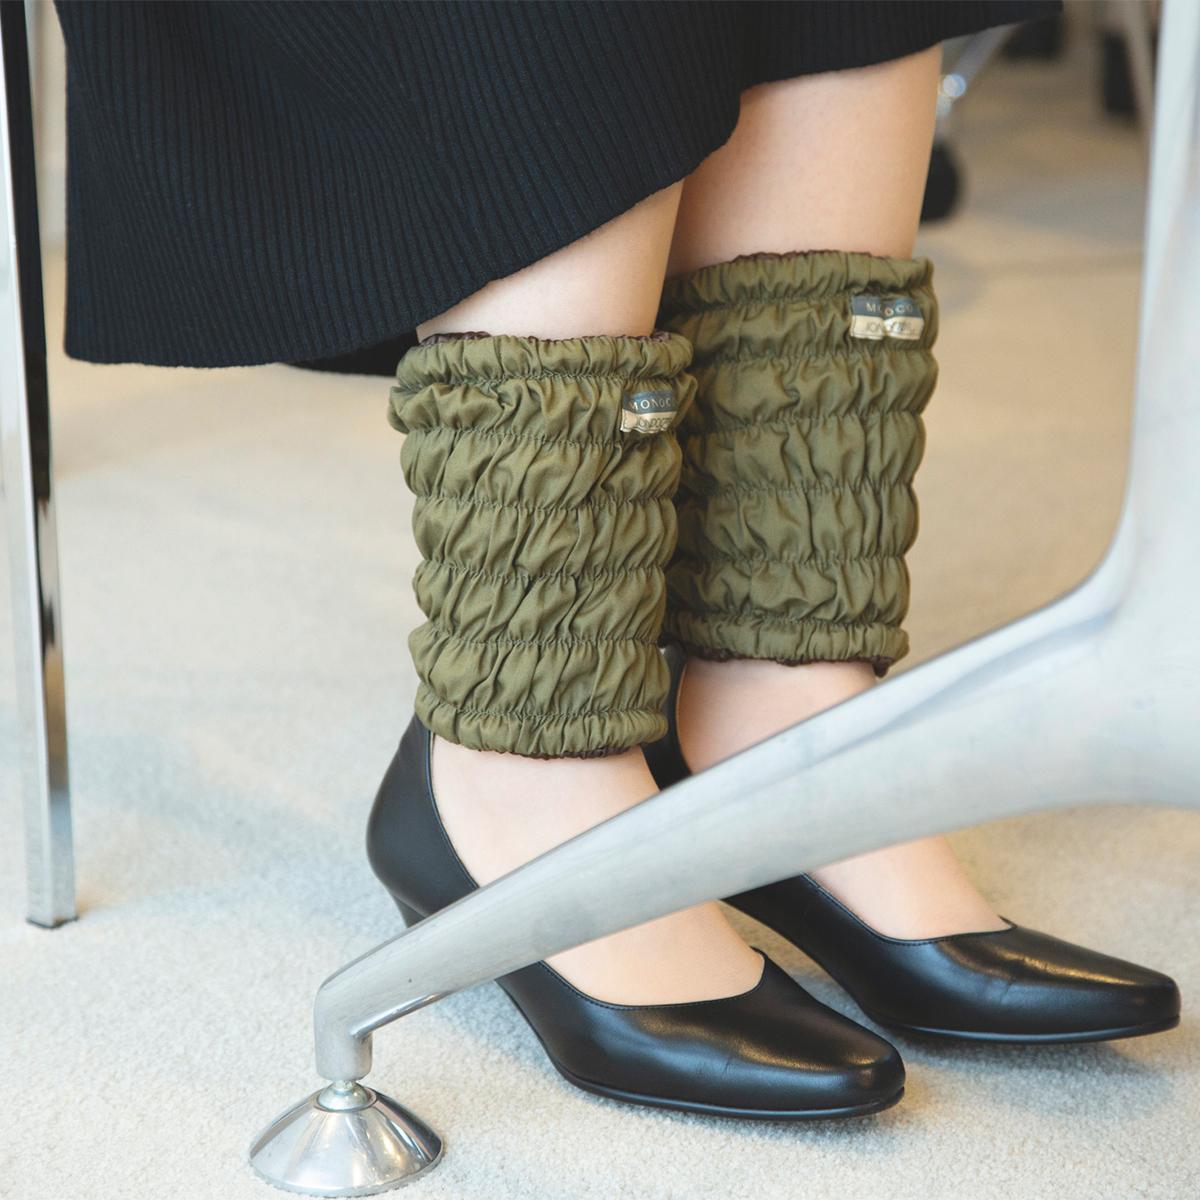 日中も睡眠時も、あなたの足先を温めつづけてくれる。11種の天然鉱物の力で、足首からホッカホカ。一晩中着けてもラクな足首ウォーマー| IONDOCTOR(MONOCO限定カラー)